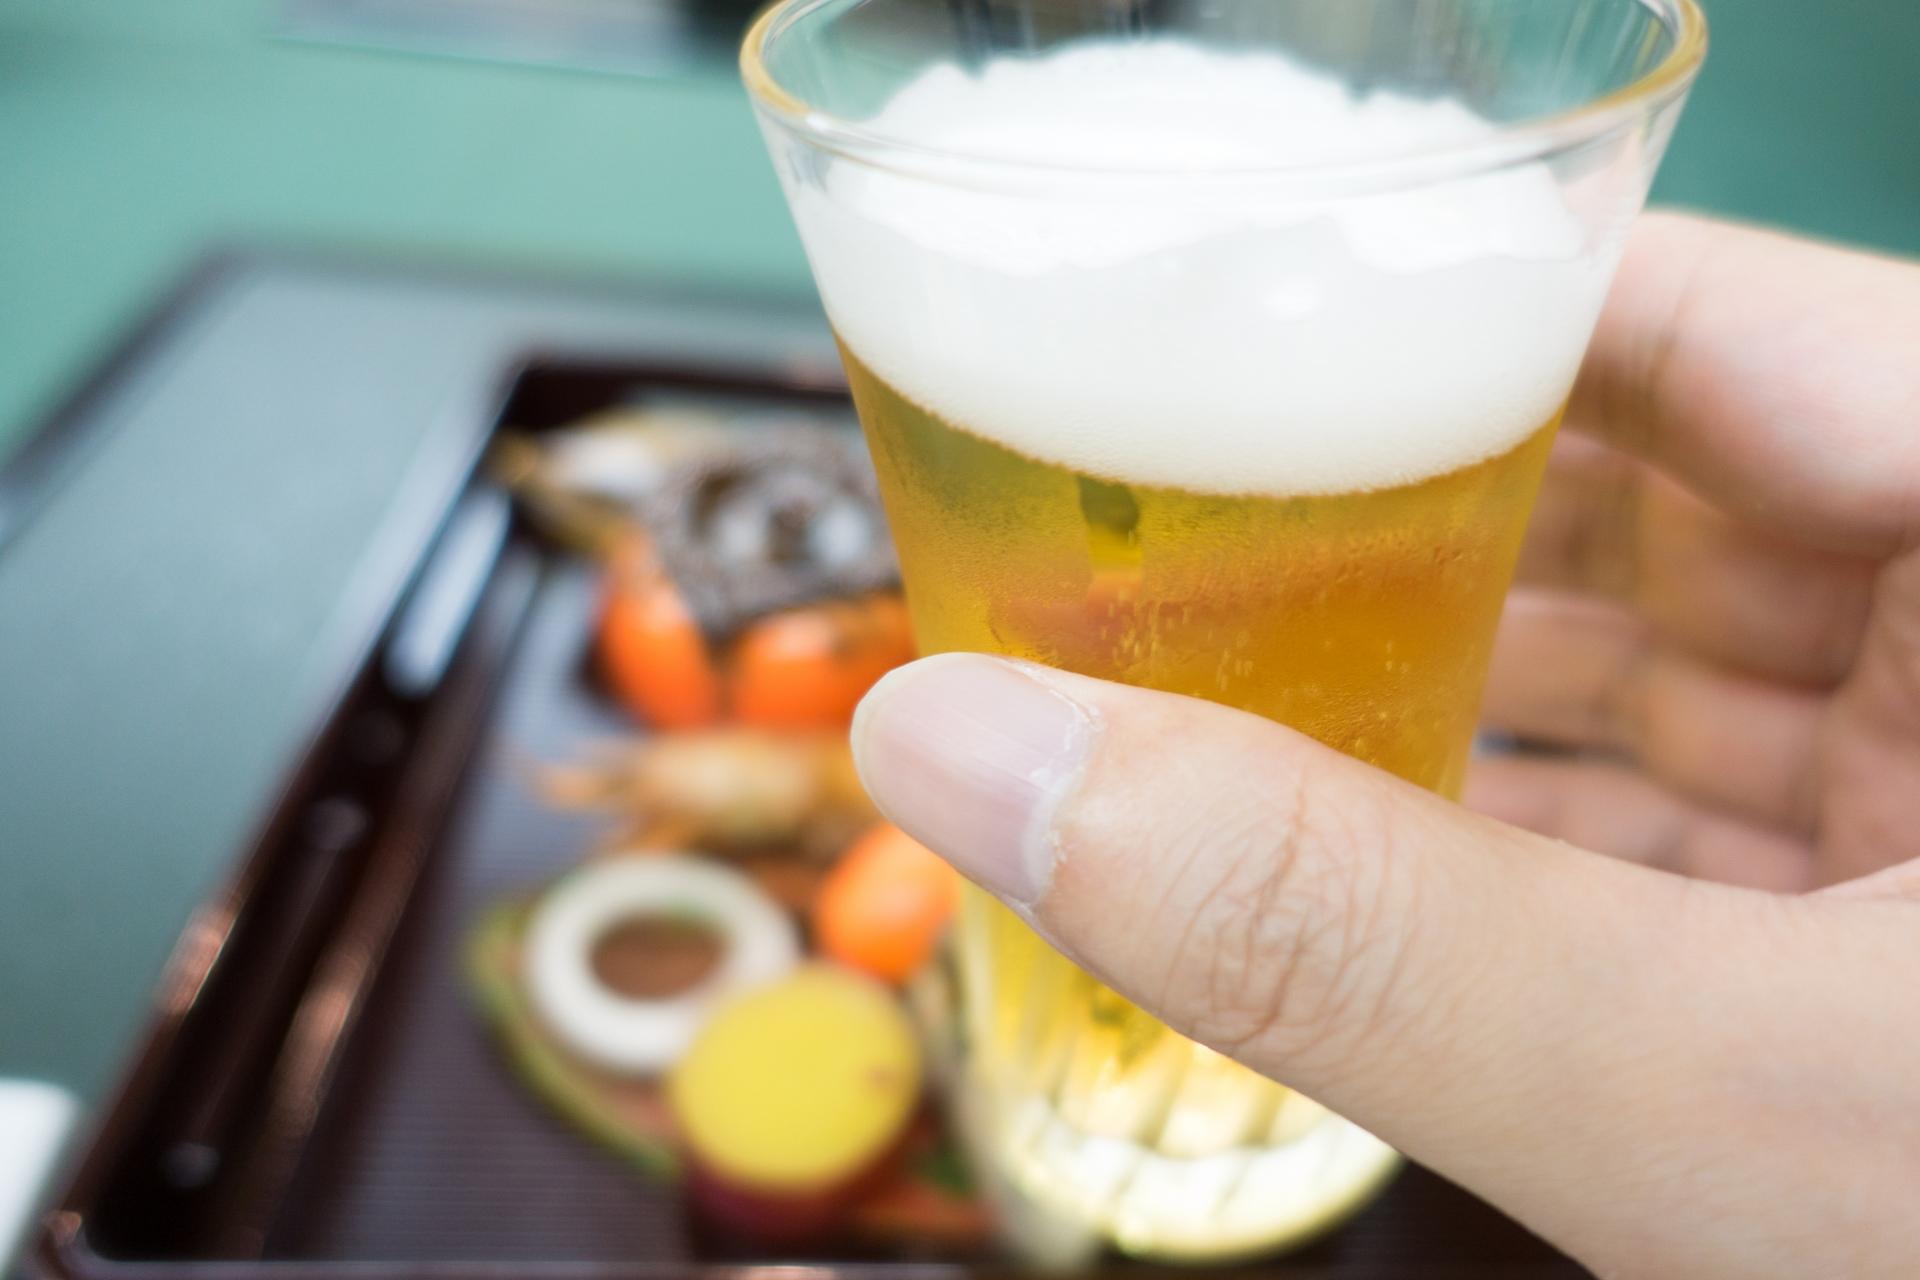 京都で昼飲みできるおすすめスポット17選!女子に人気のテラス席や穴場も